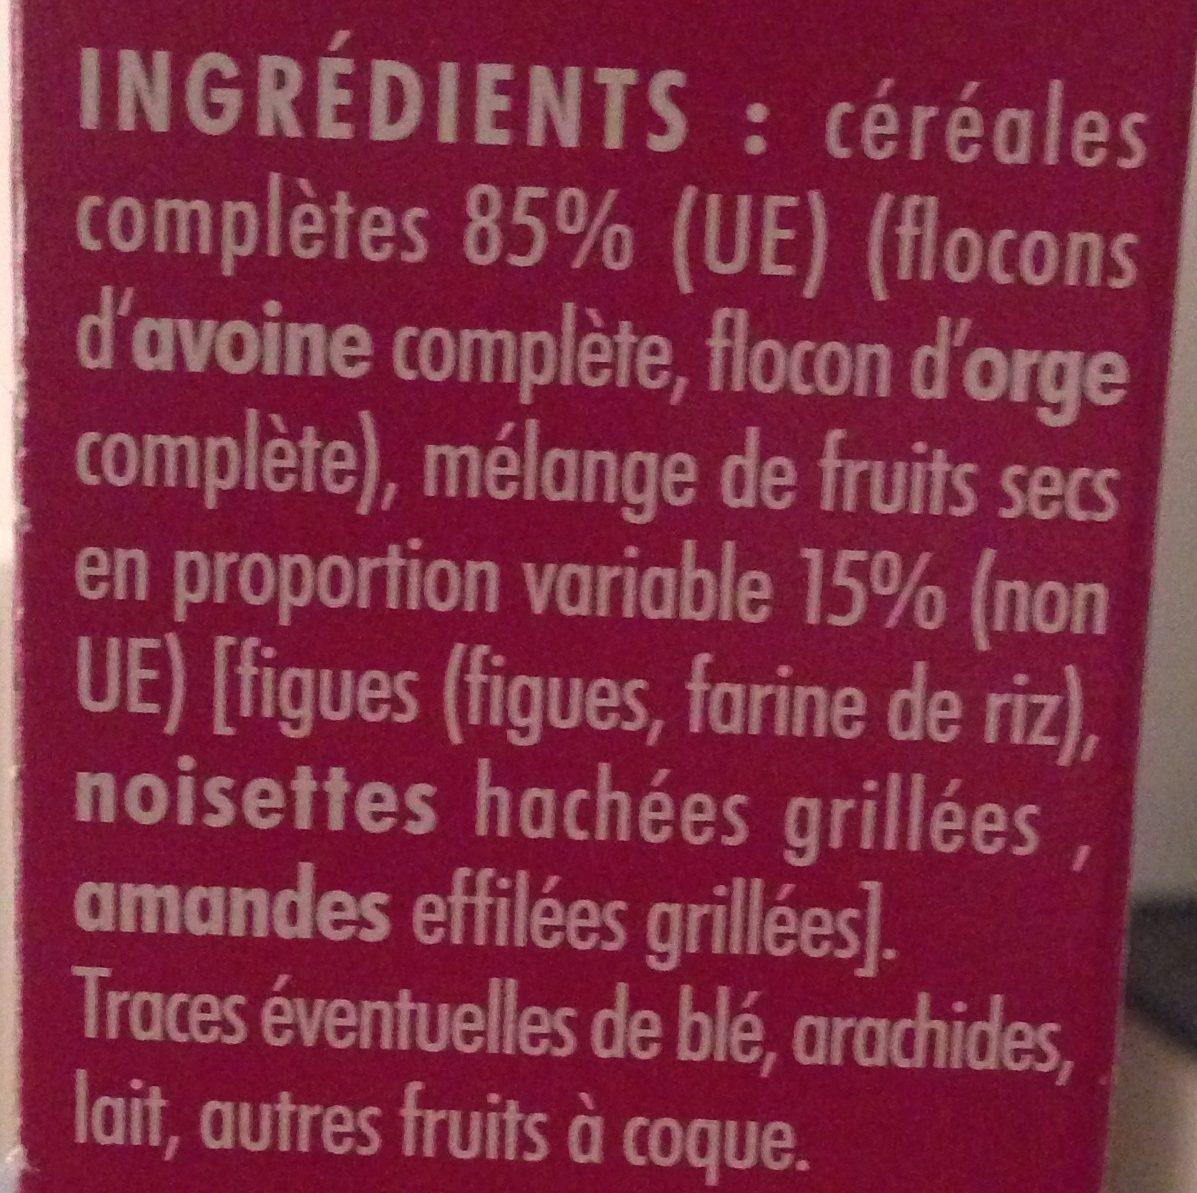 Muesli gourmand L'essentiel - Ingrédients - fr